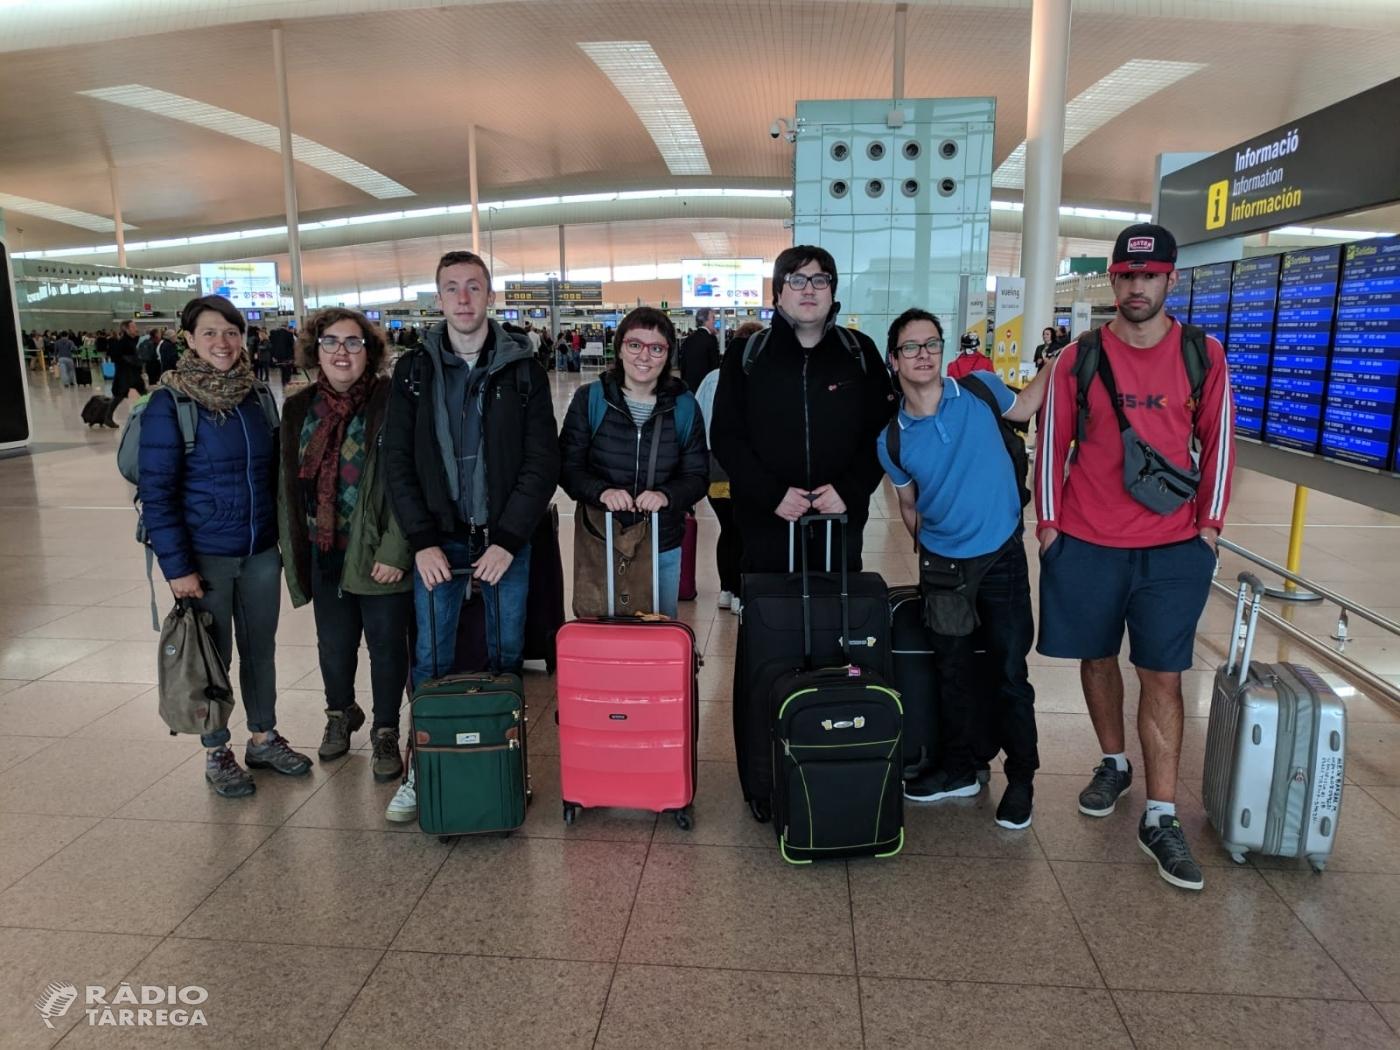 Marxa a Alemanya un grup de 5 joves amb d'altres capacitats a fer pràctiques laborals a través del programa TLN Mobilicat que gestiona el Grup Alba